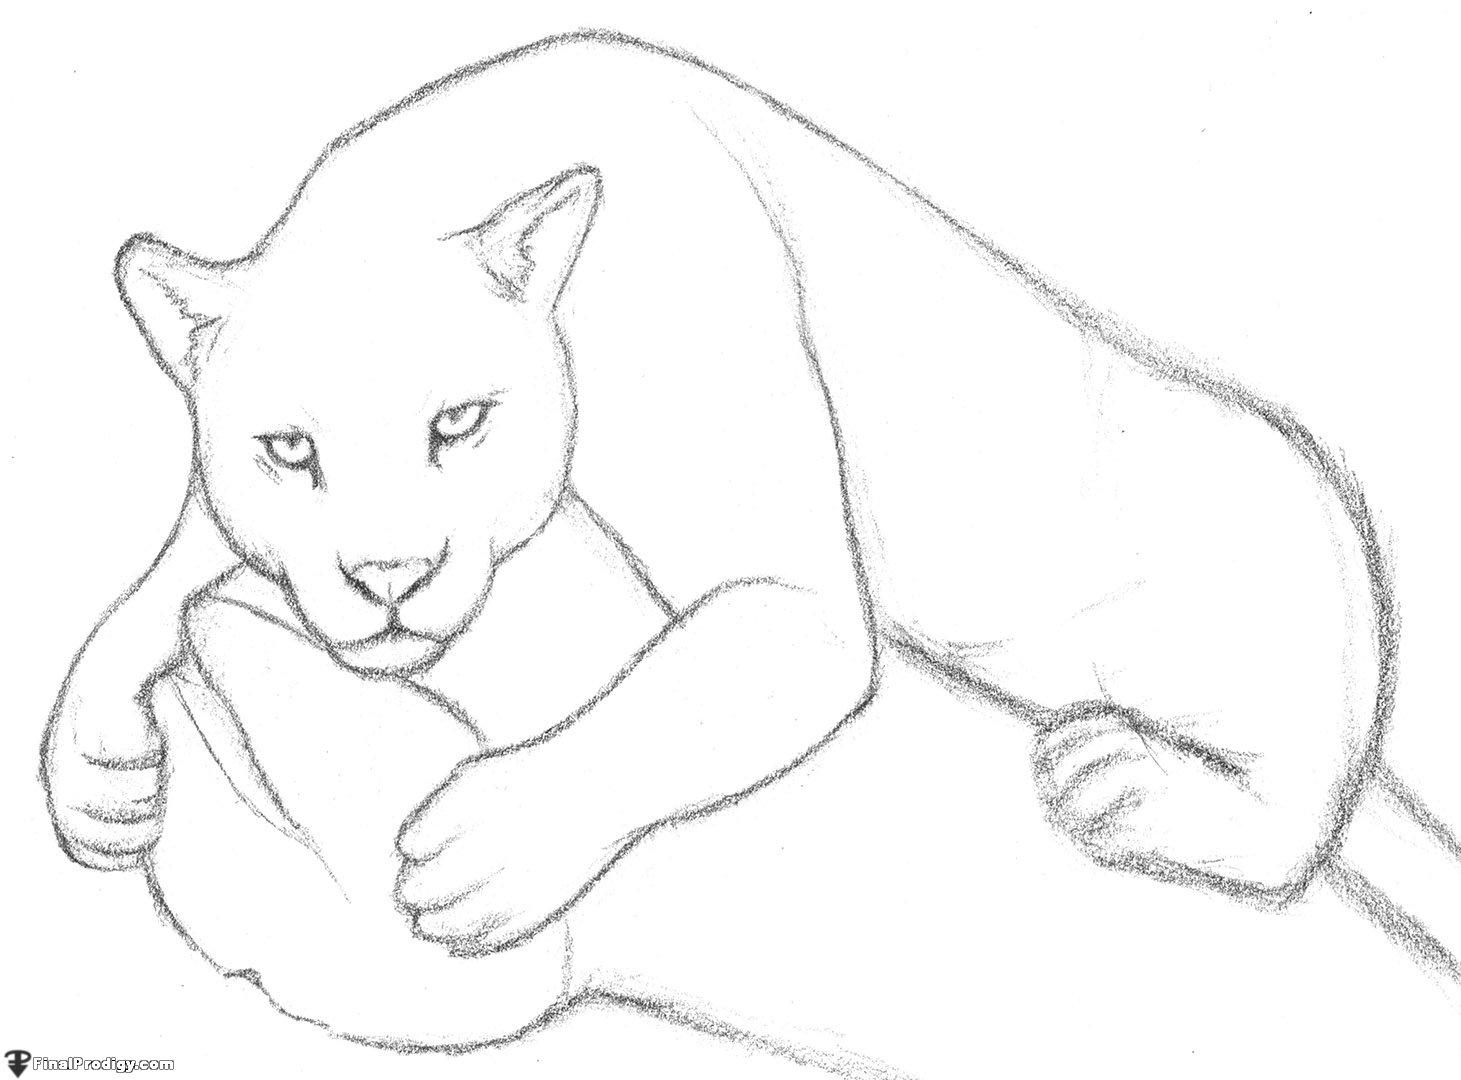 Line Drawing Jaguar : How to draw a jaguar finalprodigy